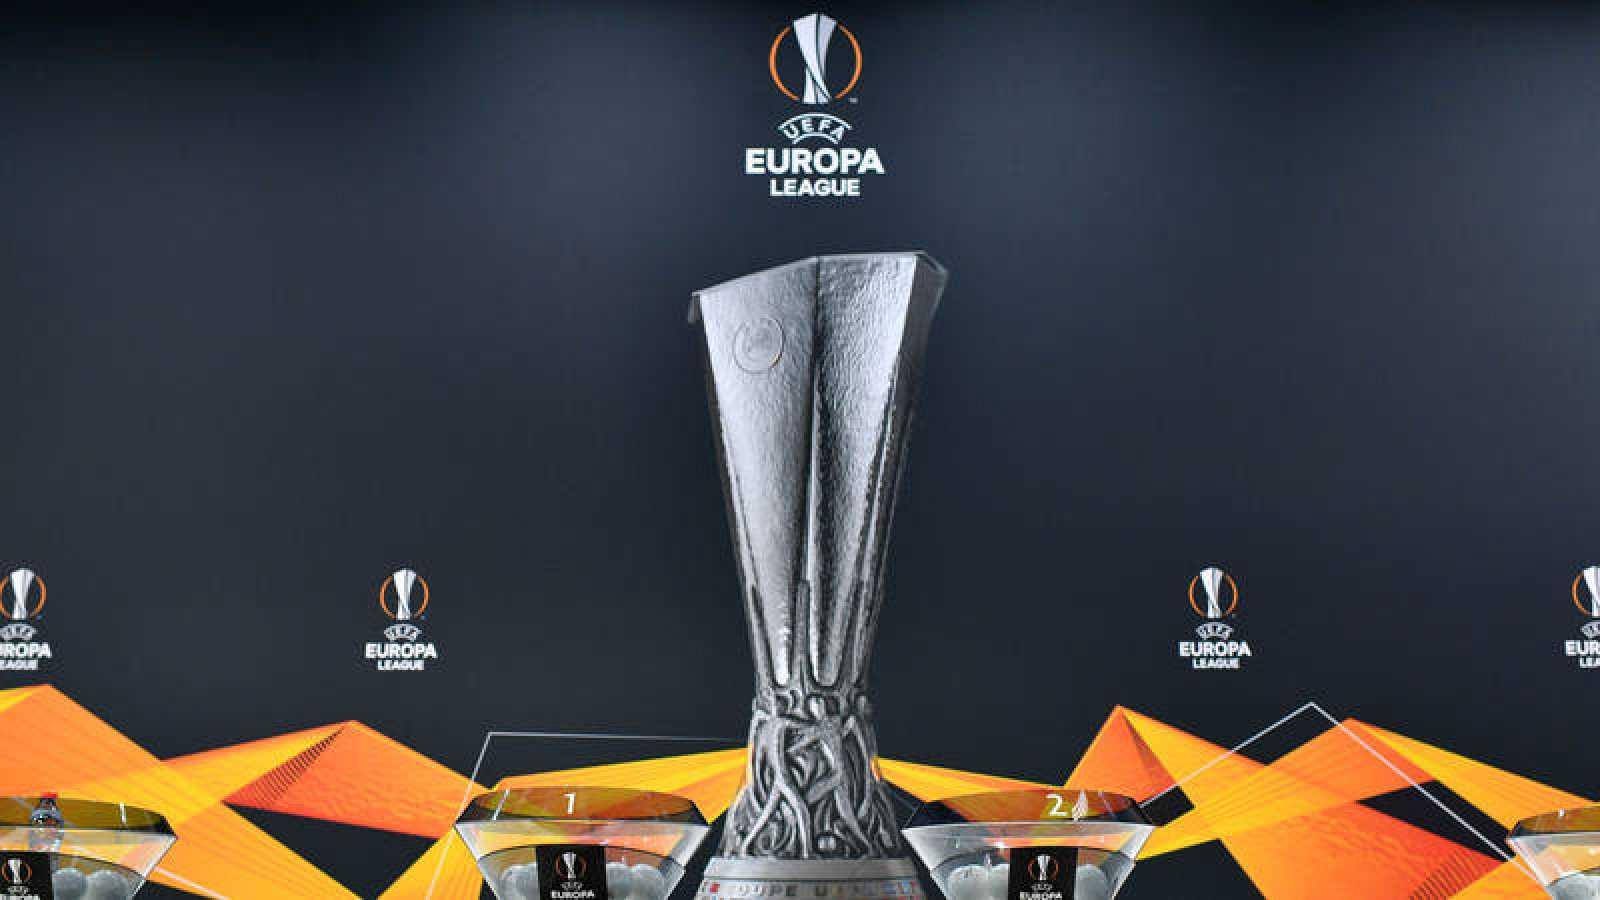 La Europa League echa a andar con el sorteo de la fase de grupos.